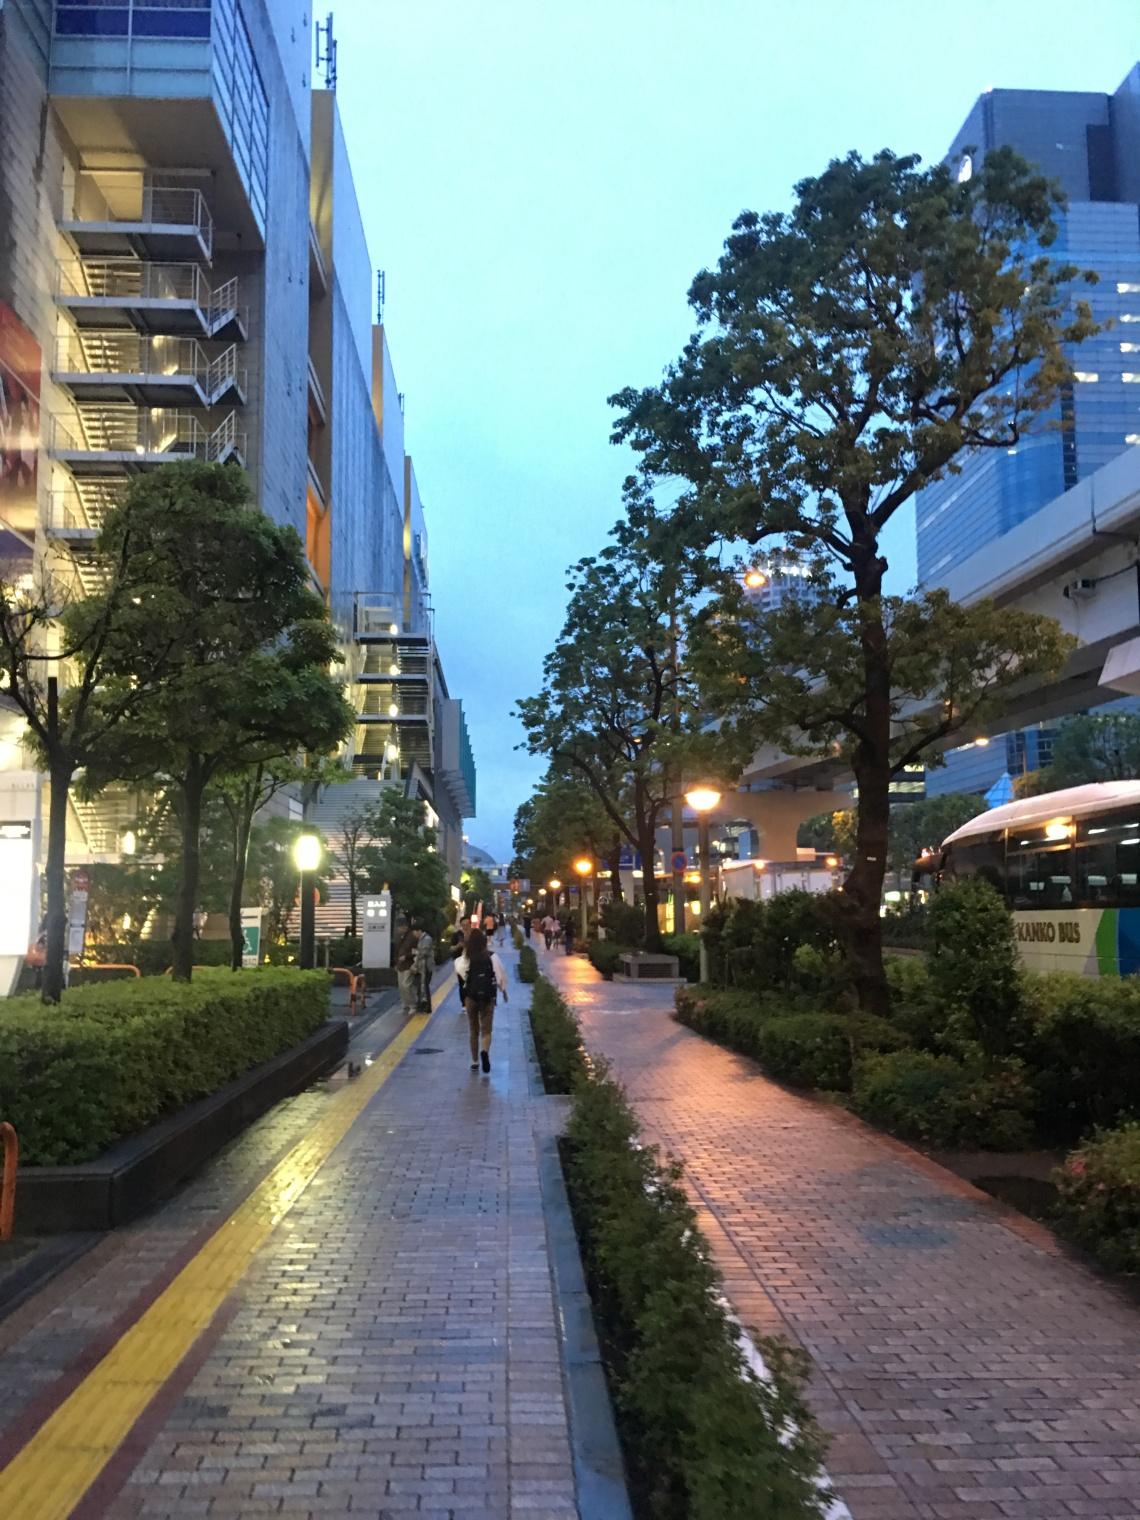 Street view at Odaiba Tokyo Japan